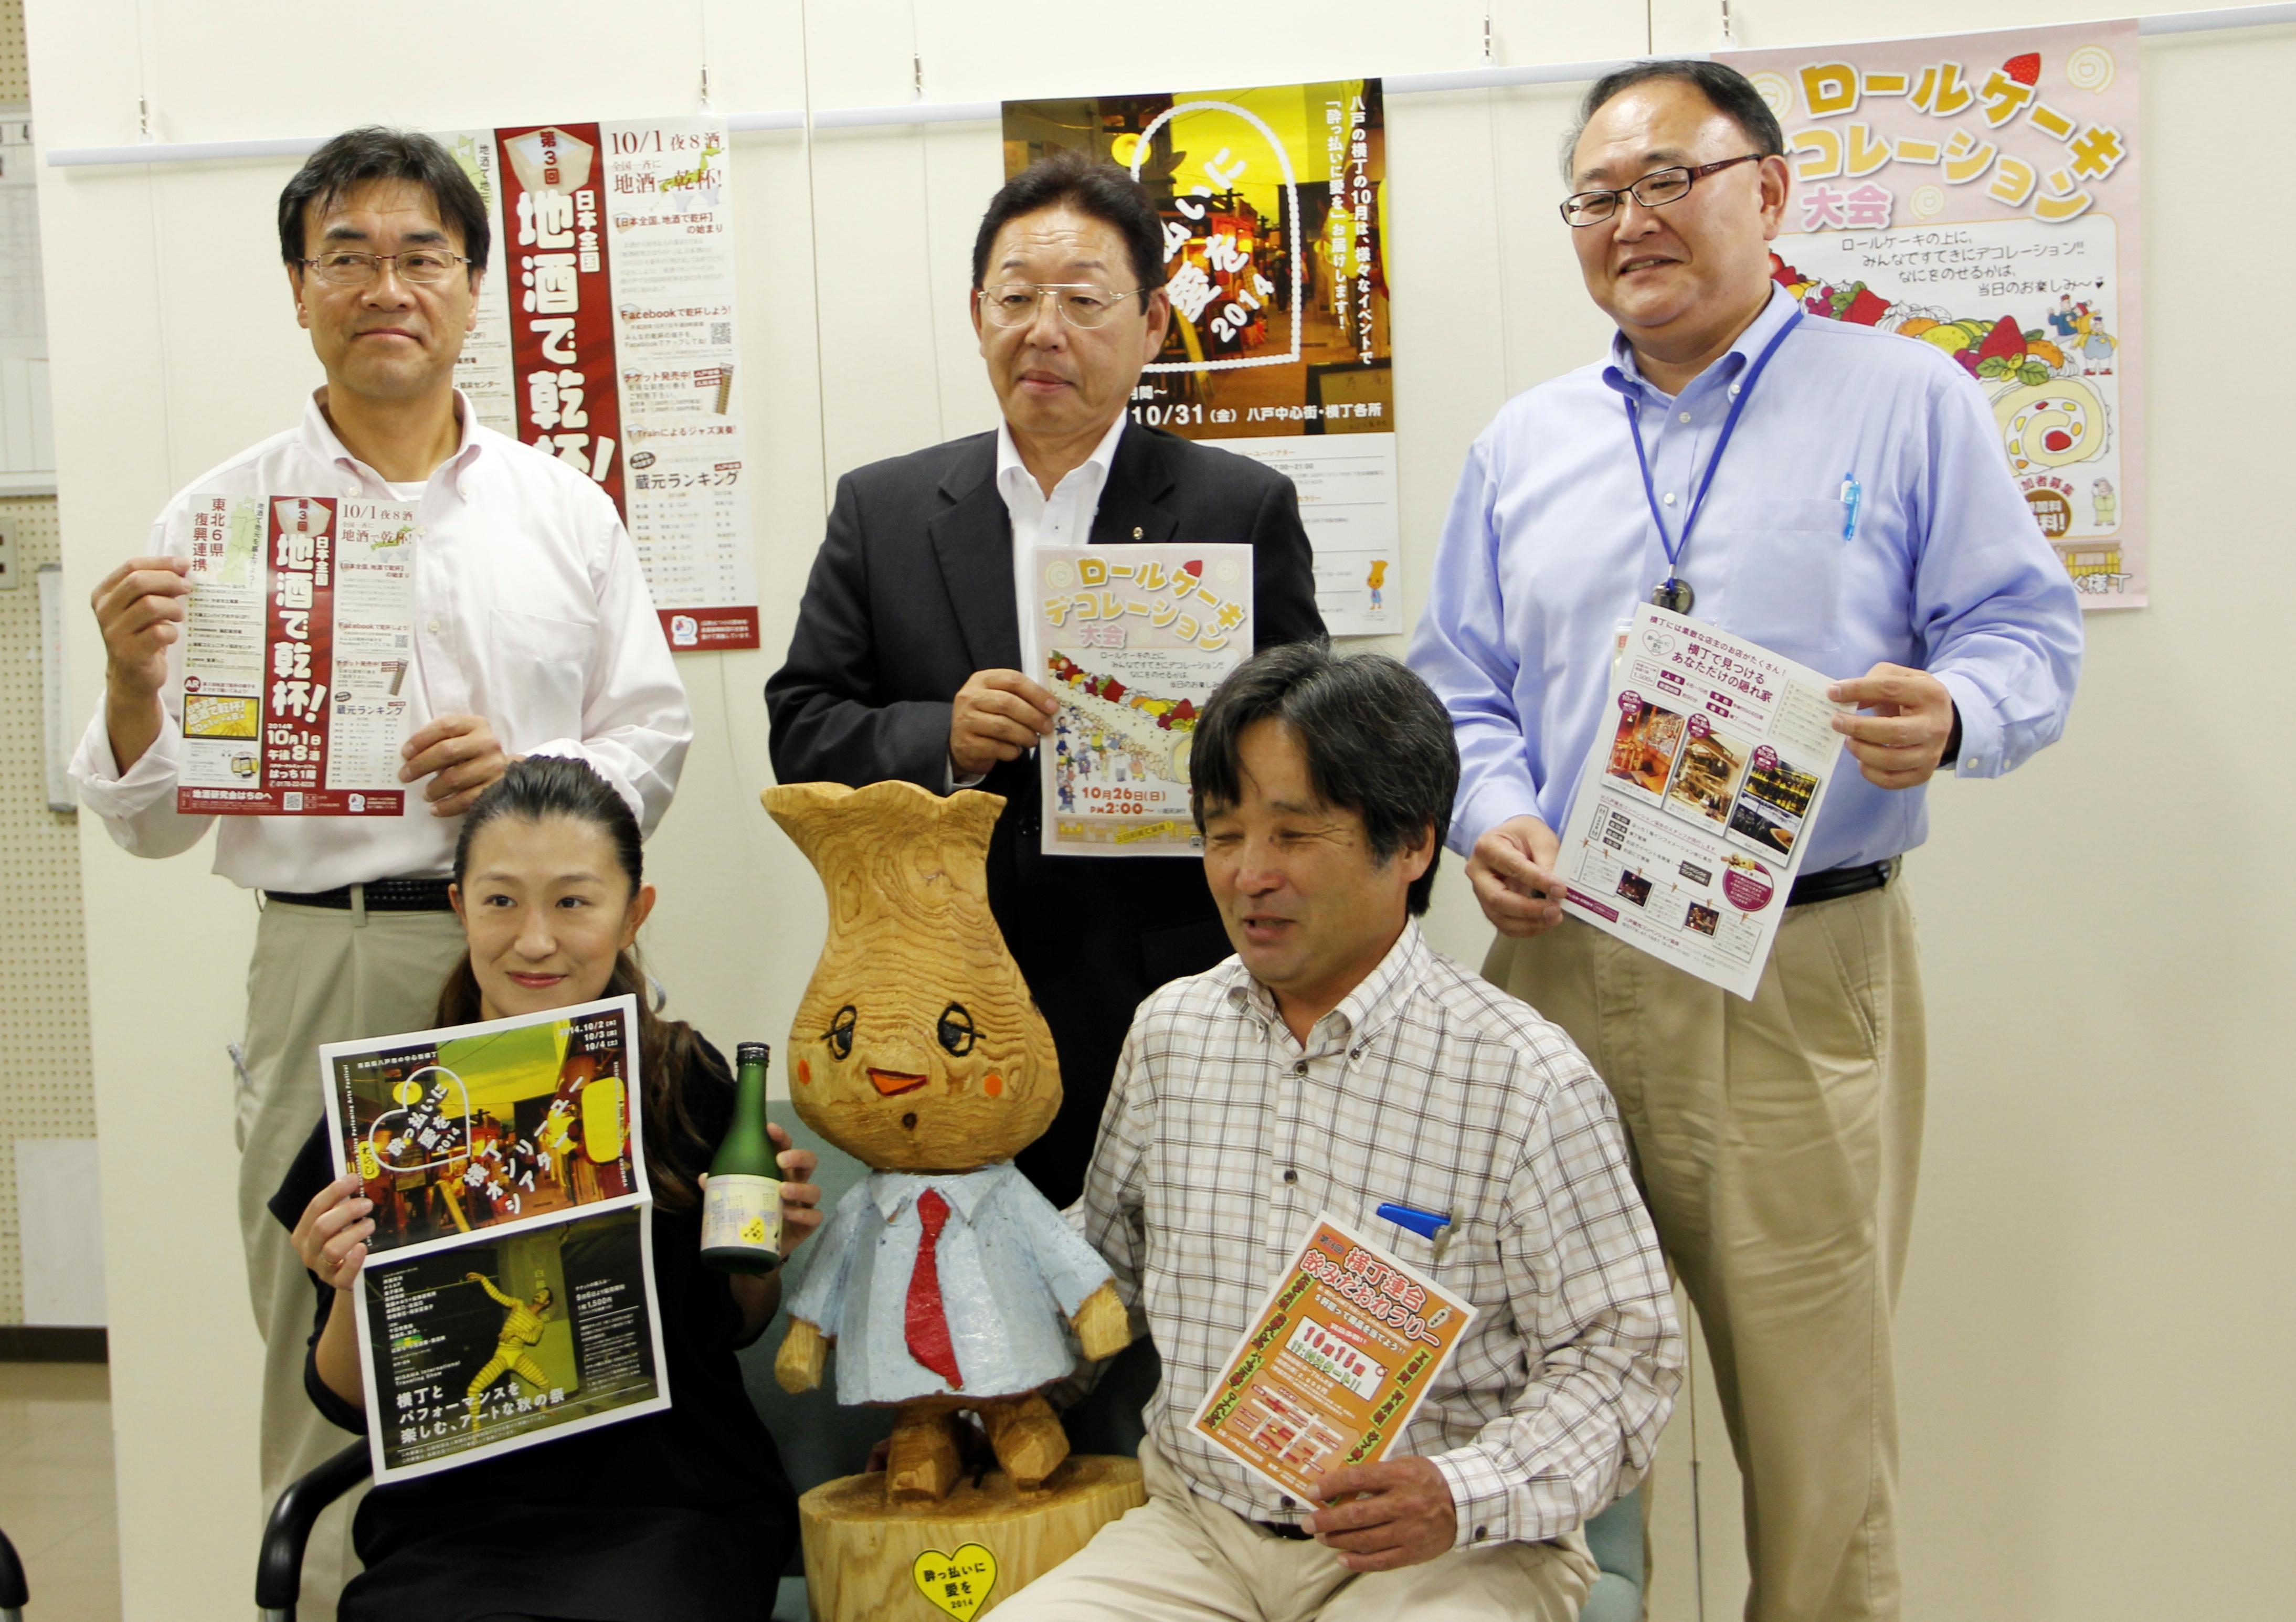 http://hacchi.jp/blog/upload/images/20140924_01y.JPG